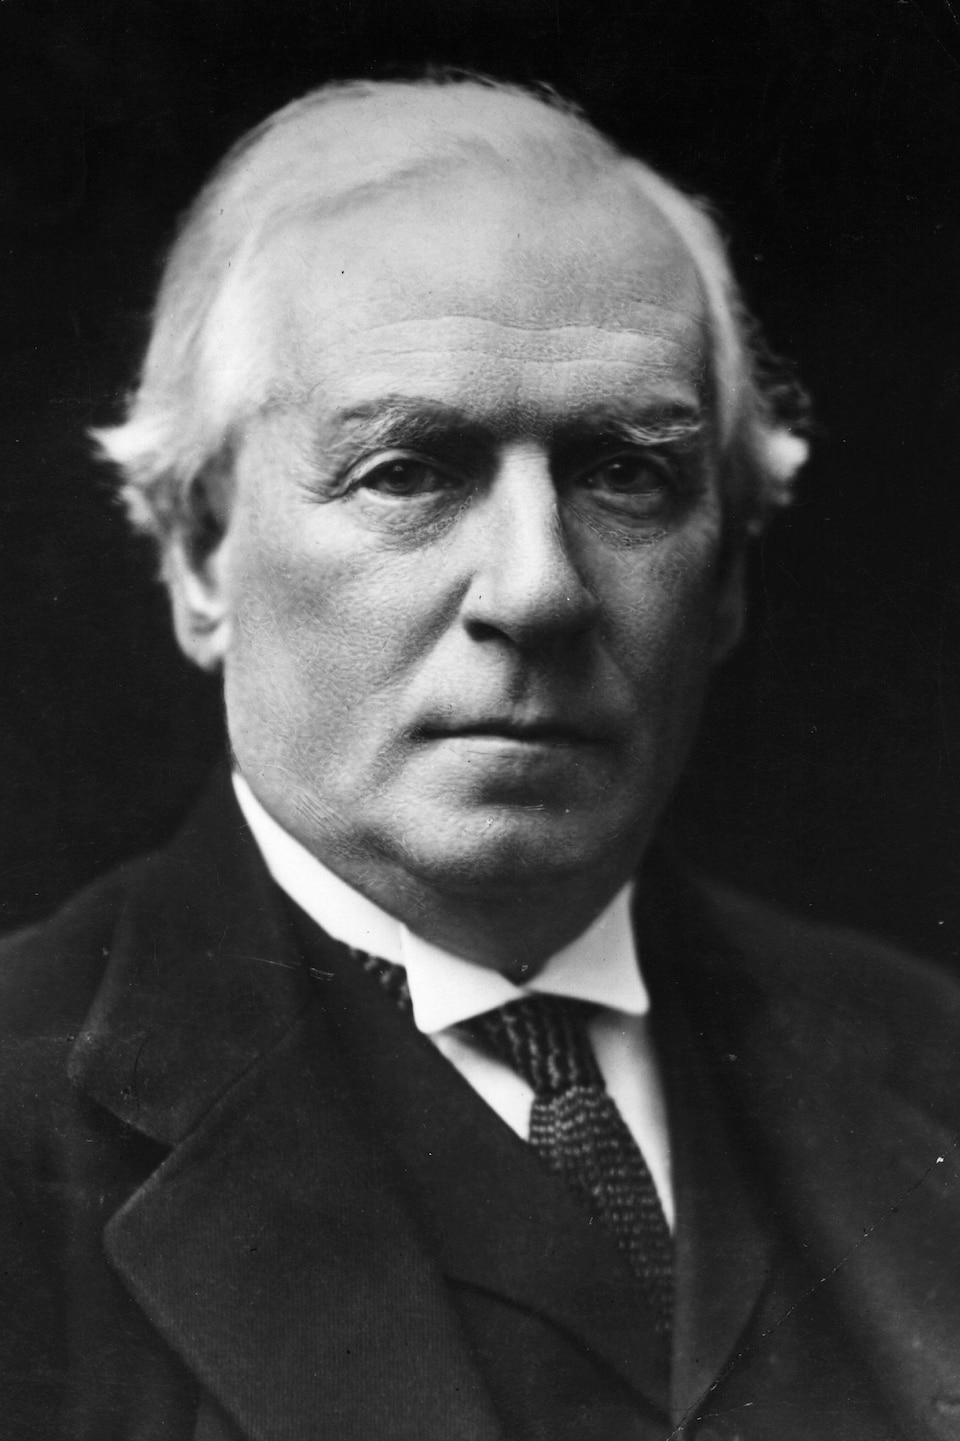 Herbert Henry Asquith en 1916.